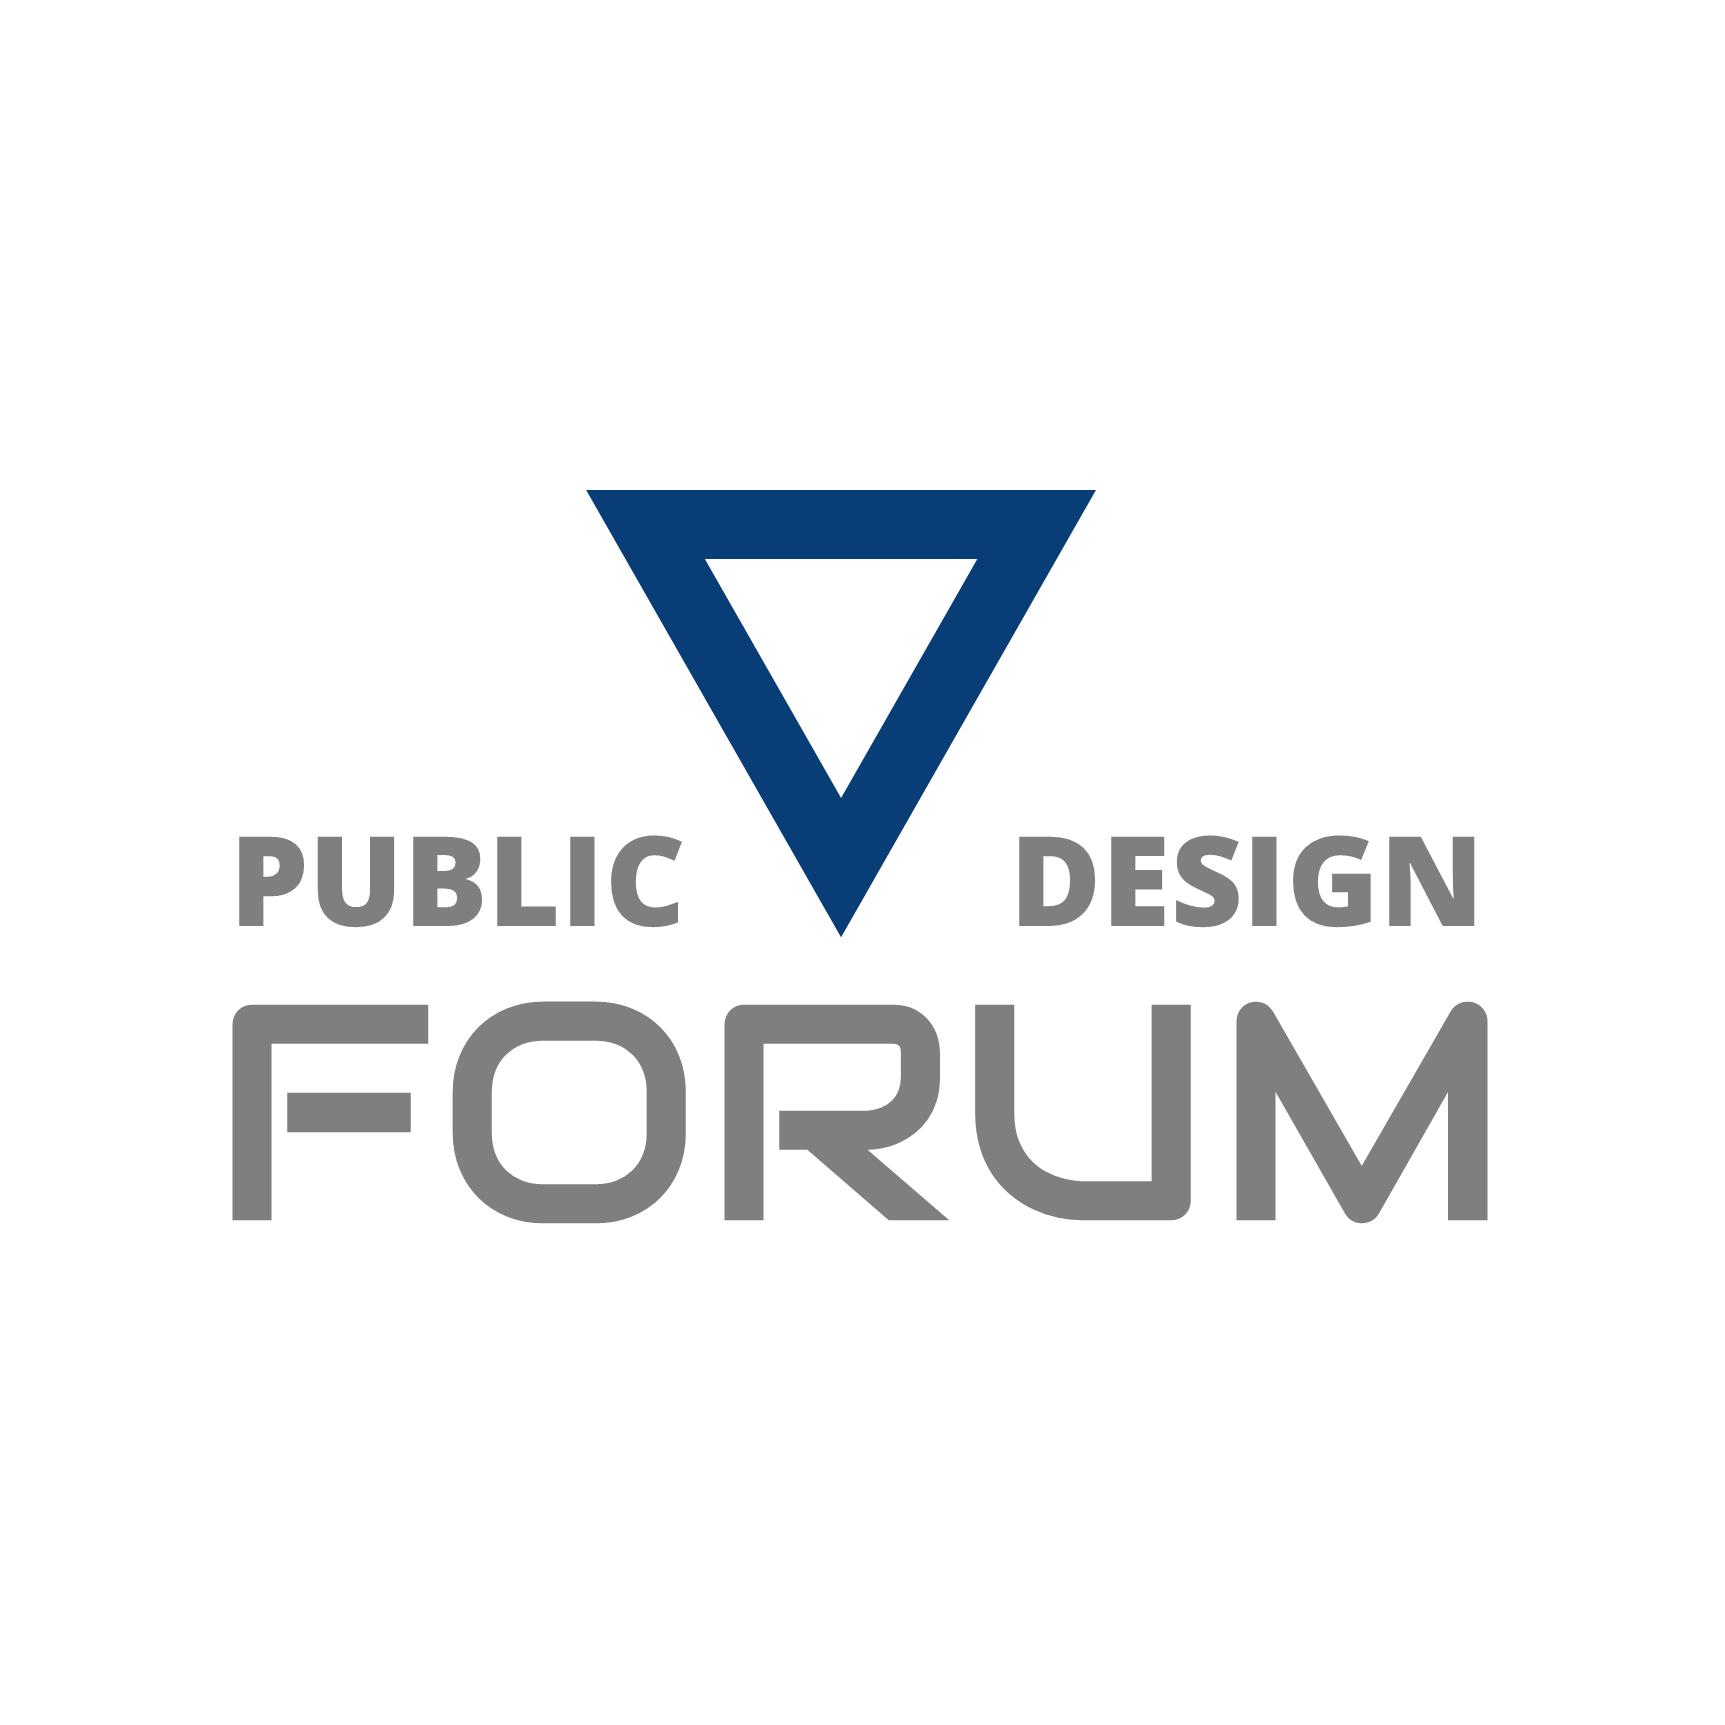 Public Design Forum